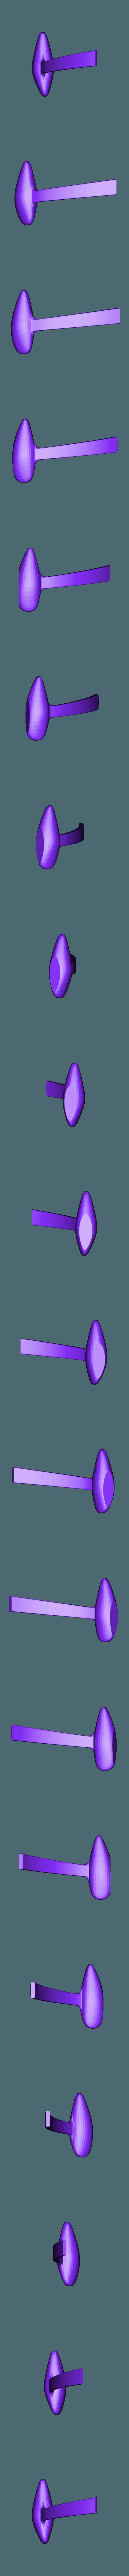 tren_Izq.stl Download STL file Rutan Long EZ • 3D print design, Nico_3D